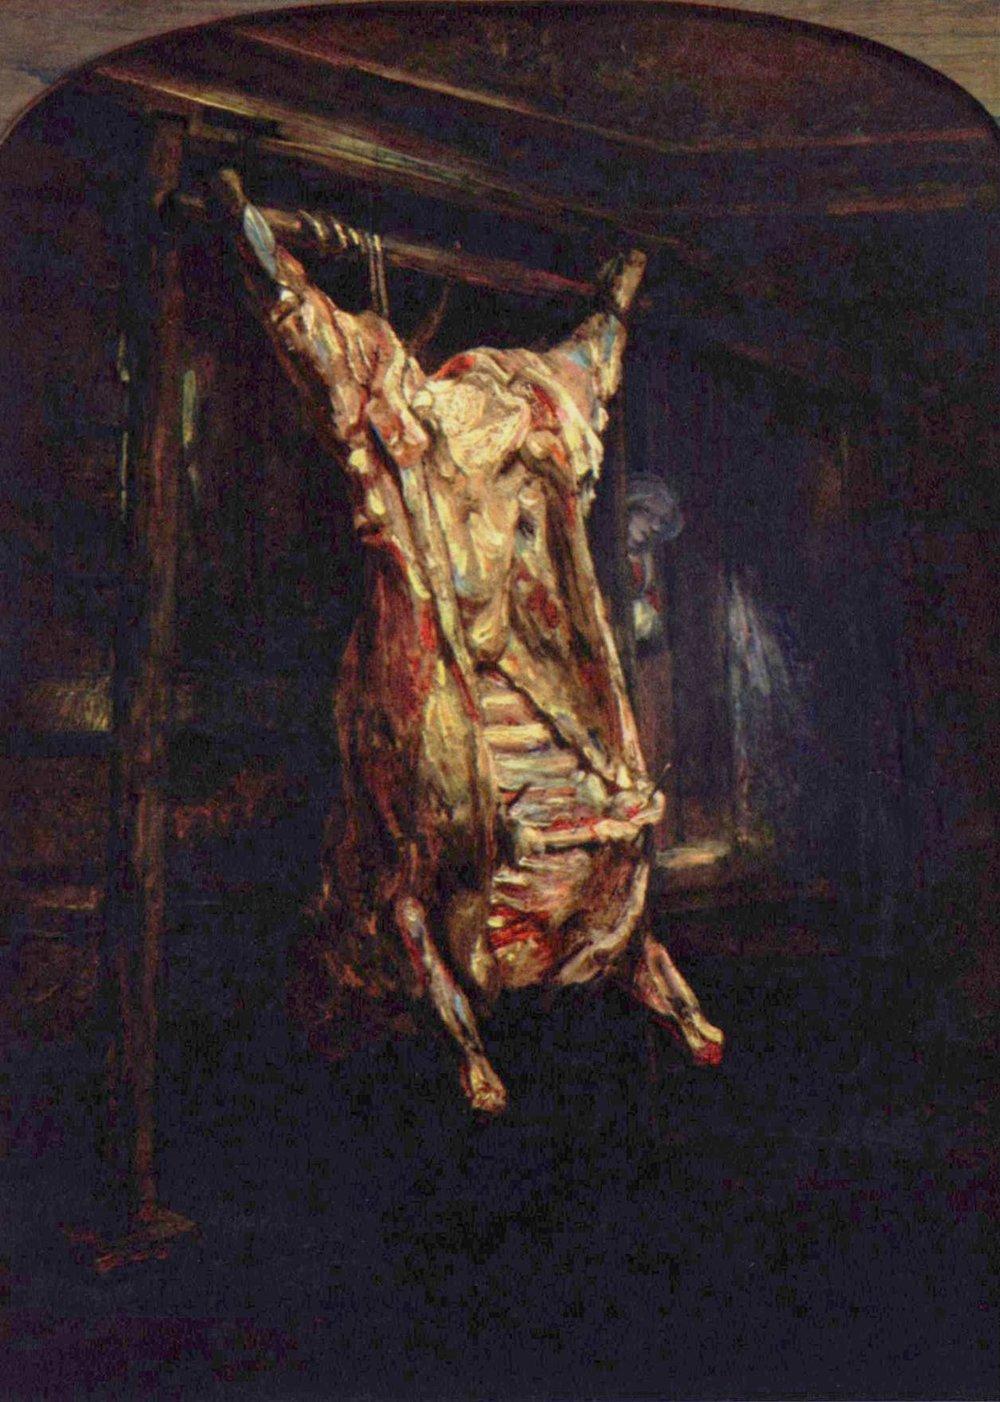 carnicería-carne-arte-rembrandt-buey-pintura-naturaleza-muerta